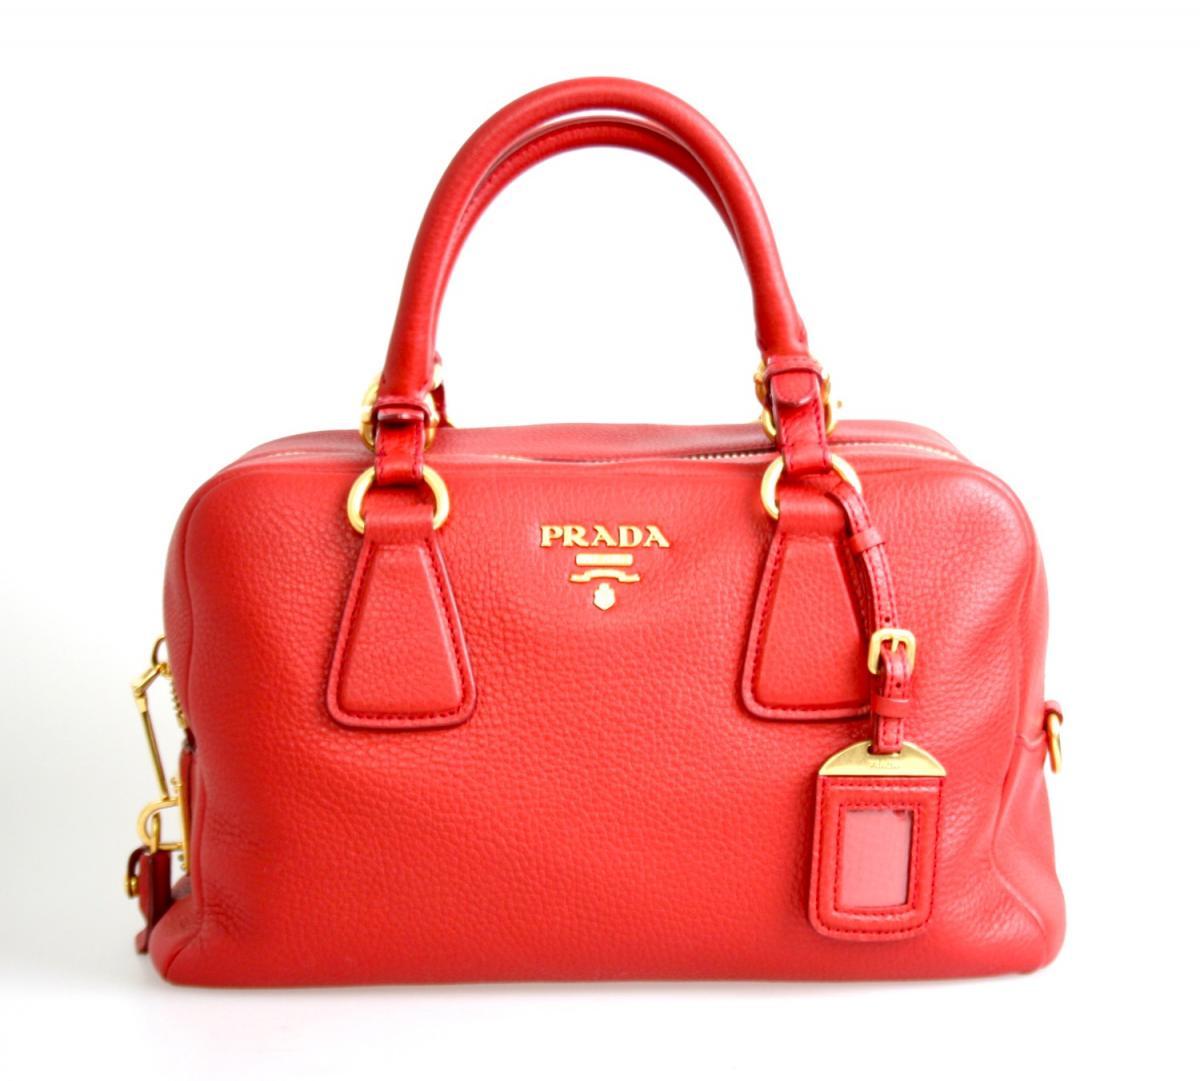 luxus prada schulter tasche handtasche b3091m rot neu new. Black Bedroom Furniture Sets. Home Design Ideas